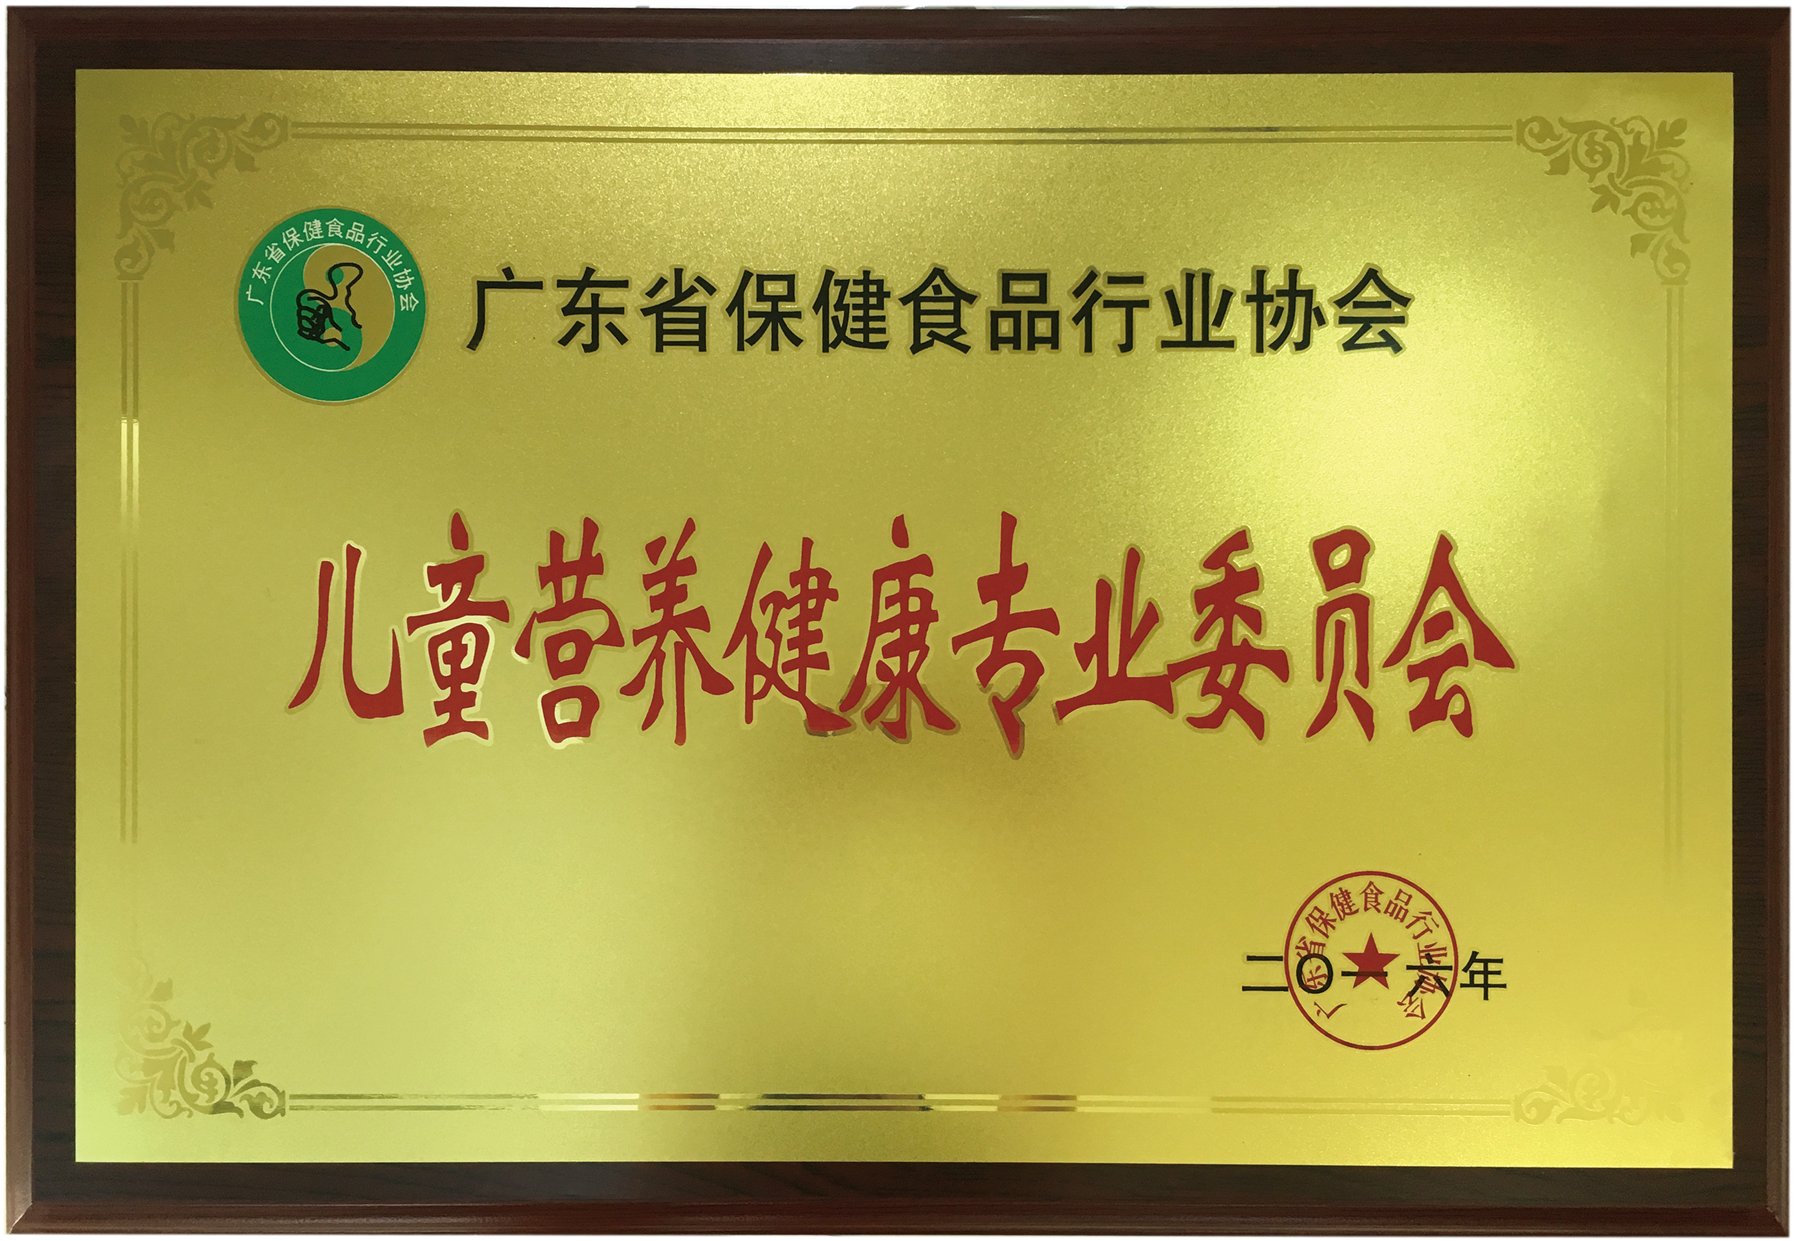 荣获广东省保健品行业协会儿童营养健康专业委员会称号